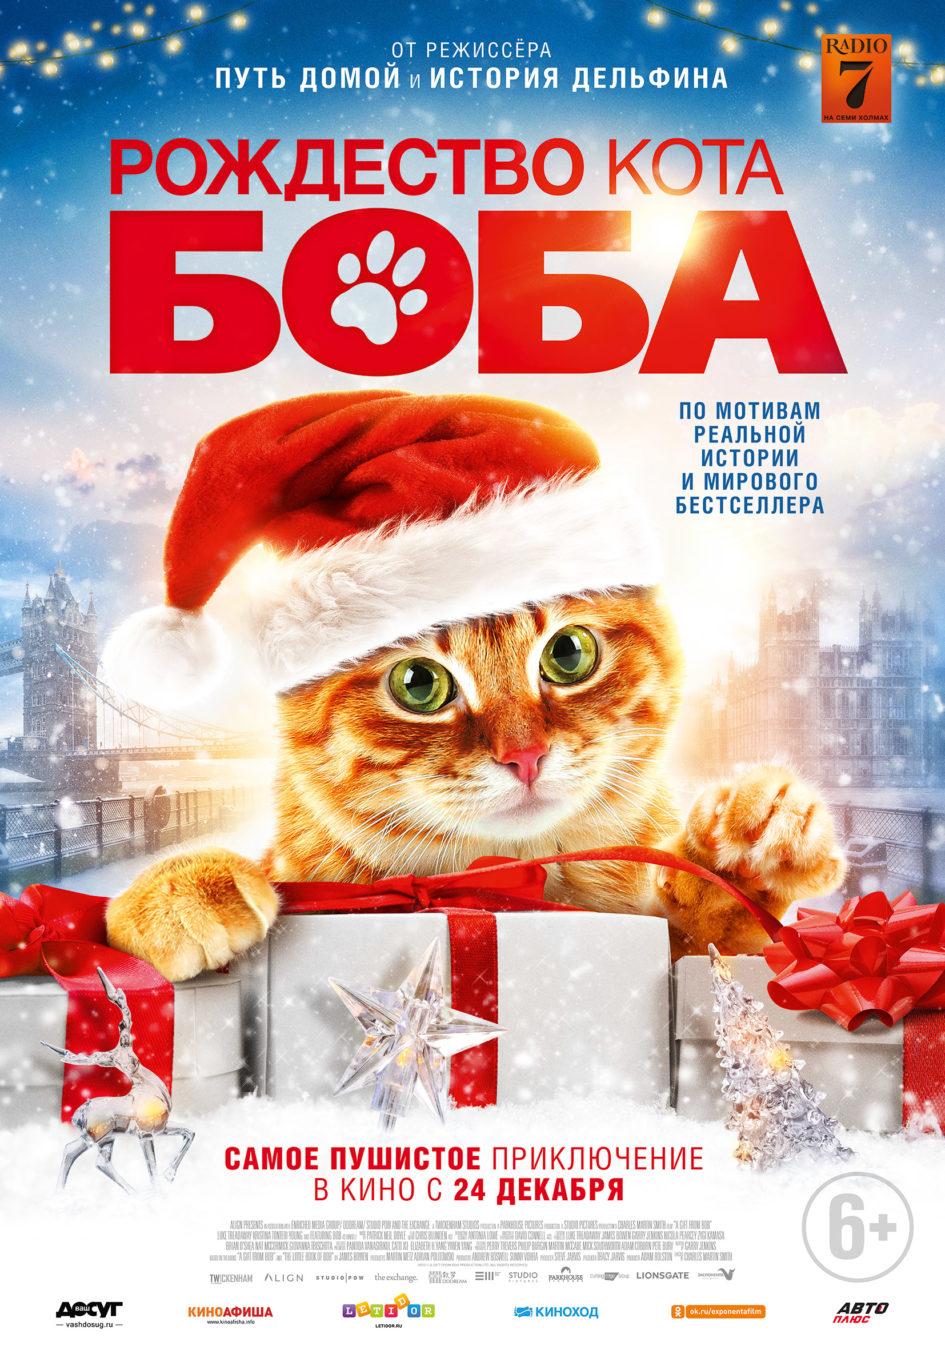 Рождество кота Боба (2020) - песни из фильма